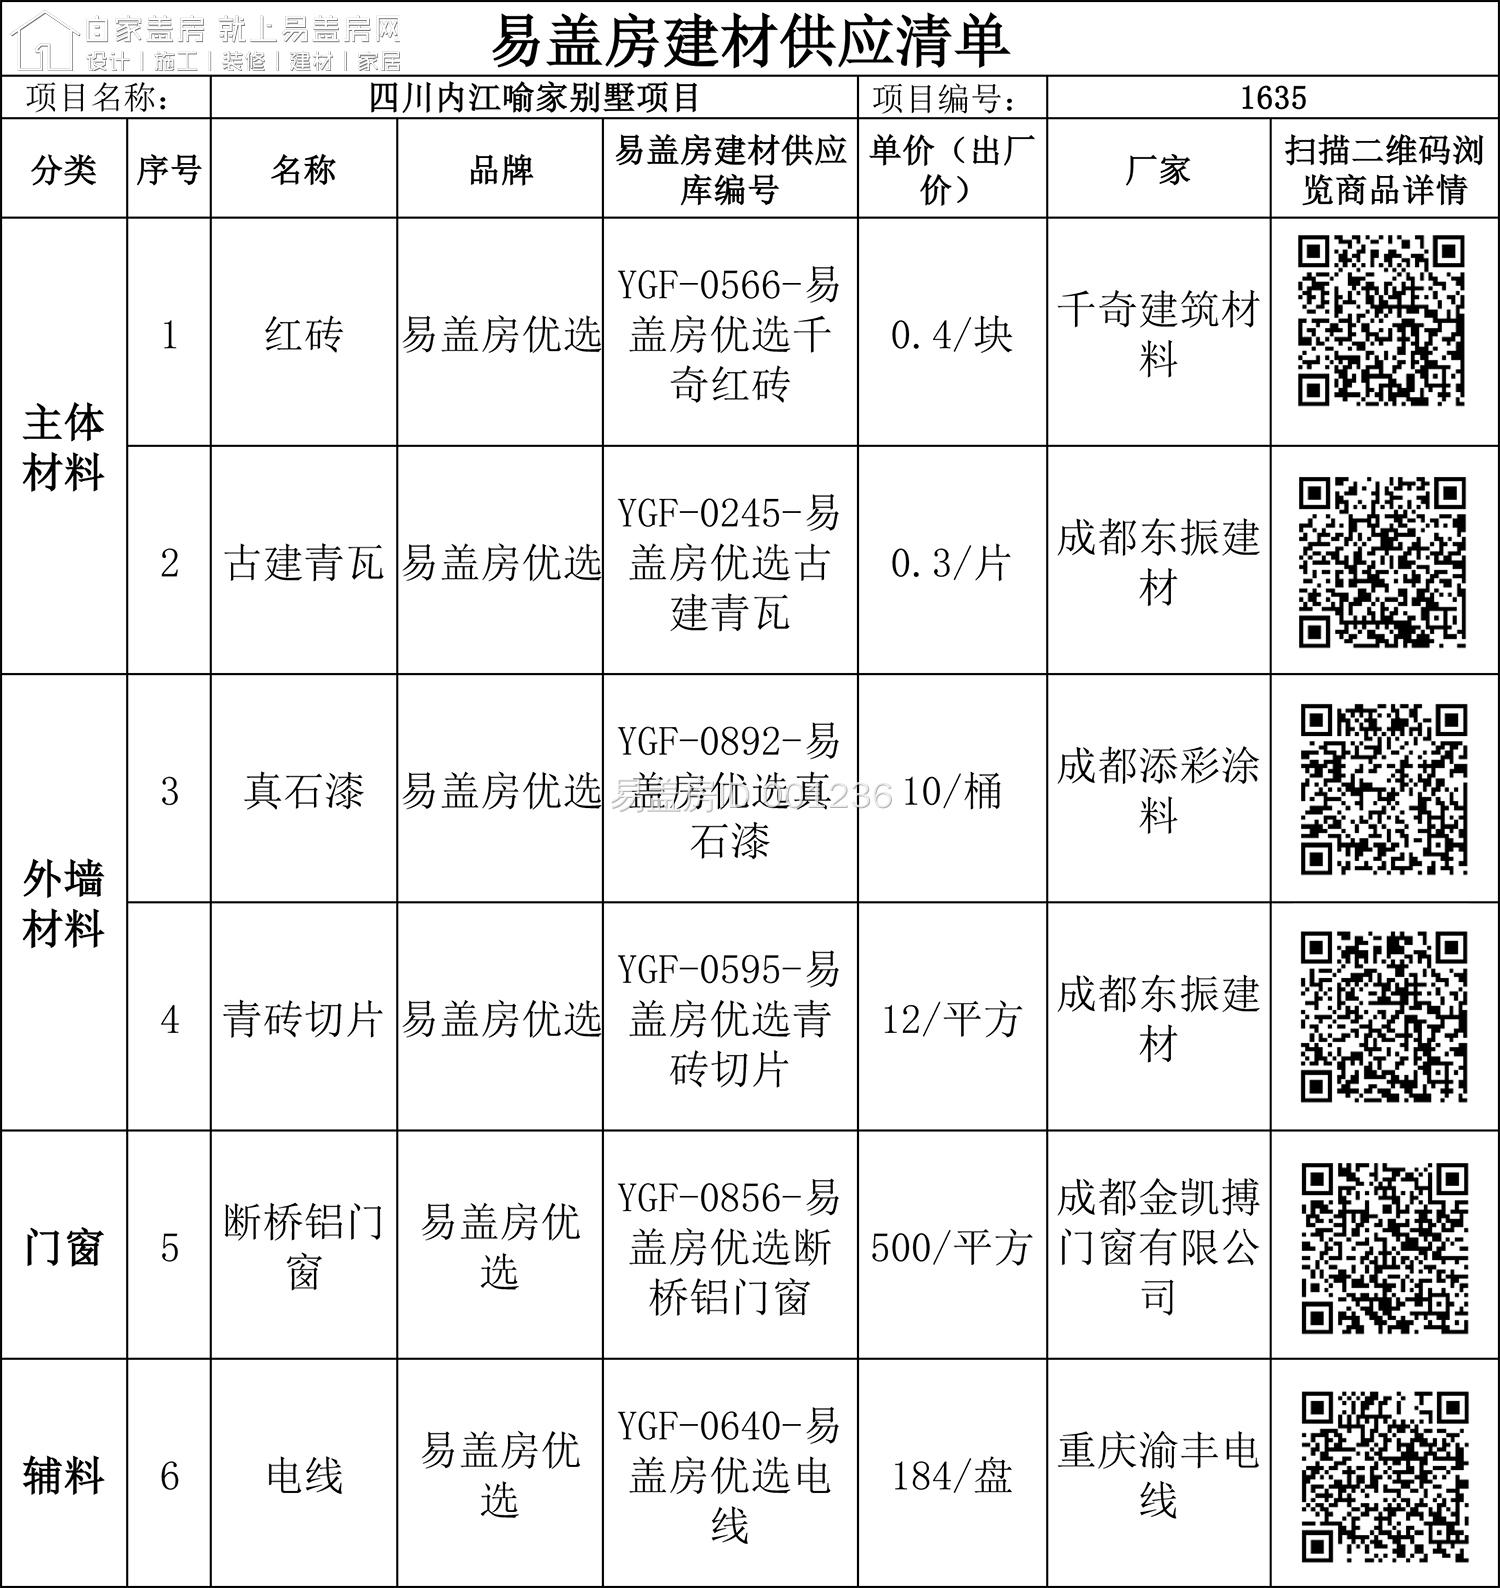 易盖房建材供应清单-陈俊友.jpg